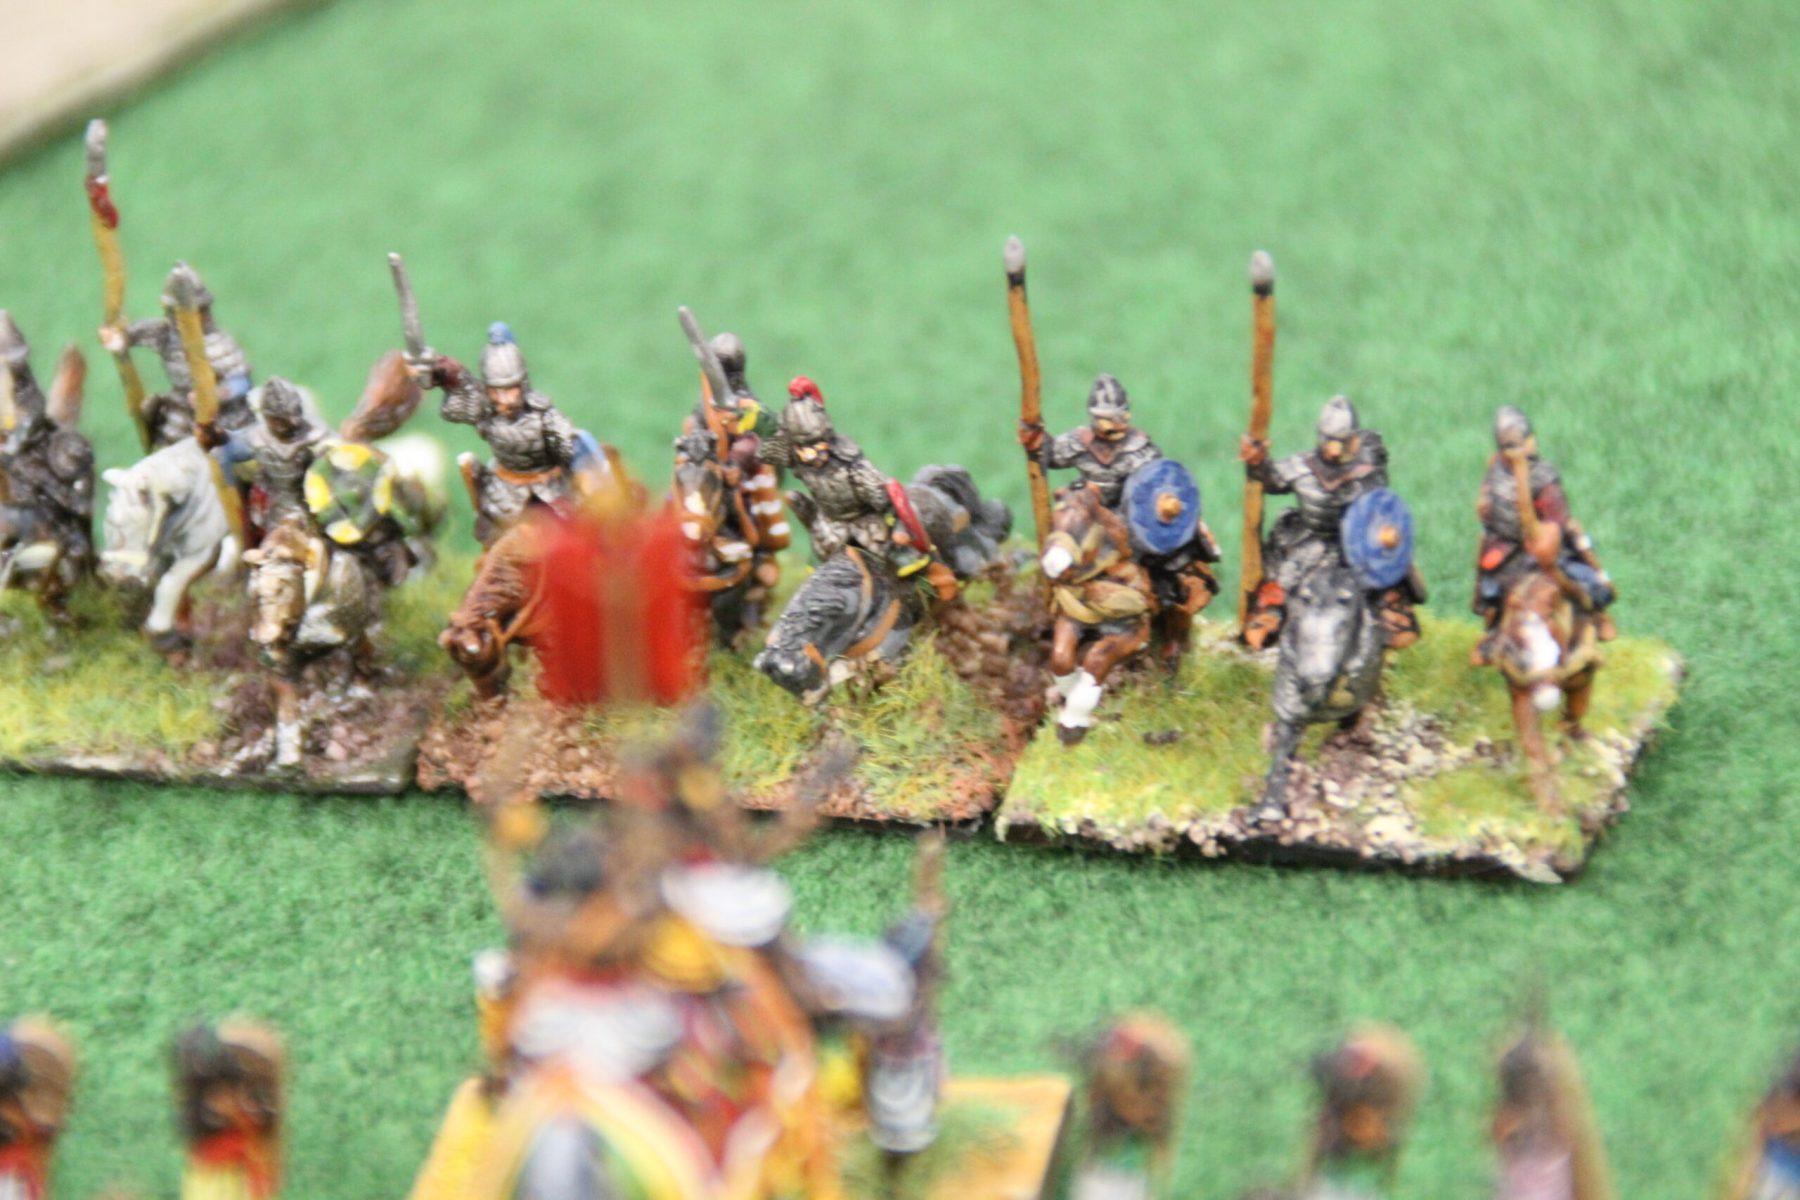 La cavalerie lourde arc élite des Huns tente une charge face aux éléphants Indiens.